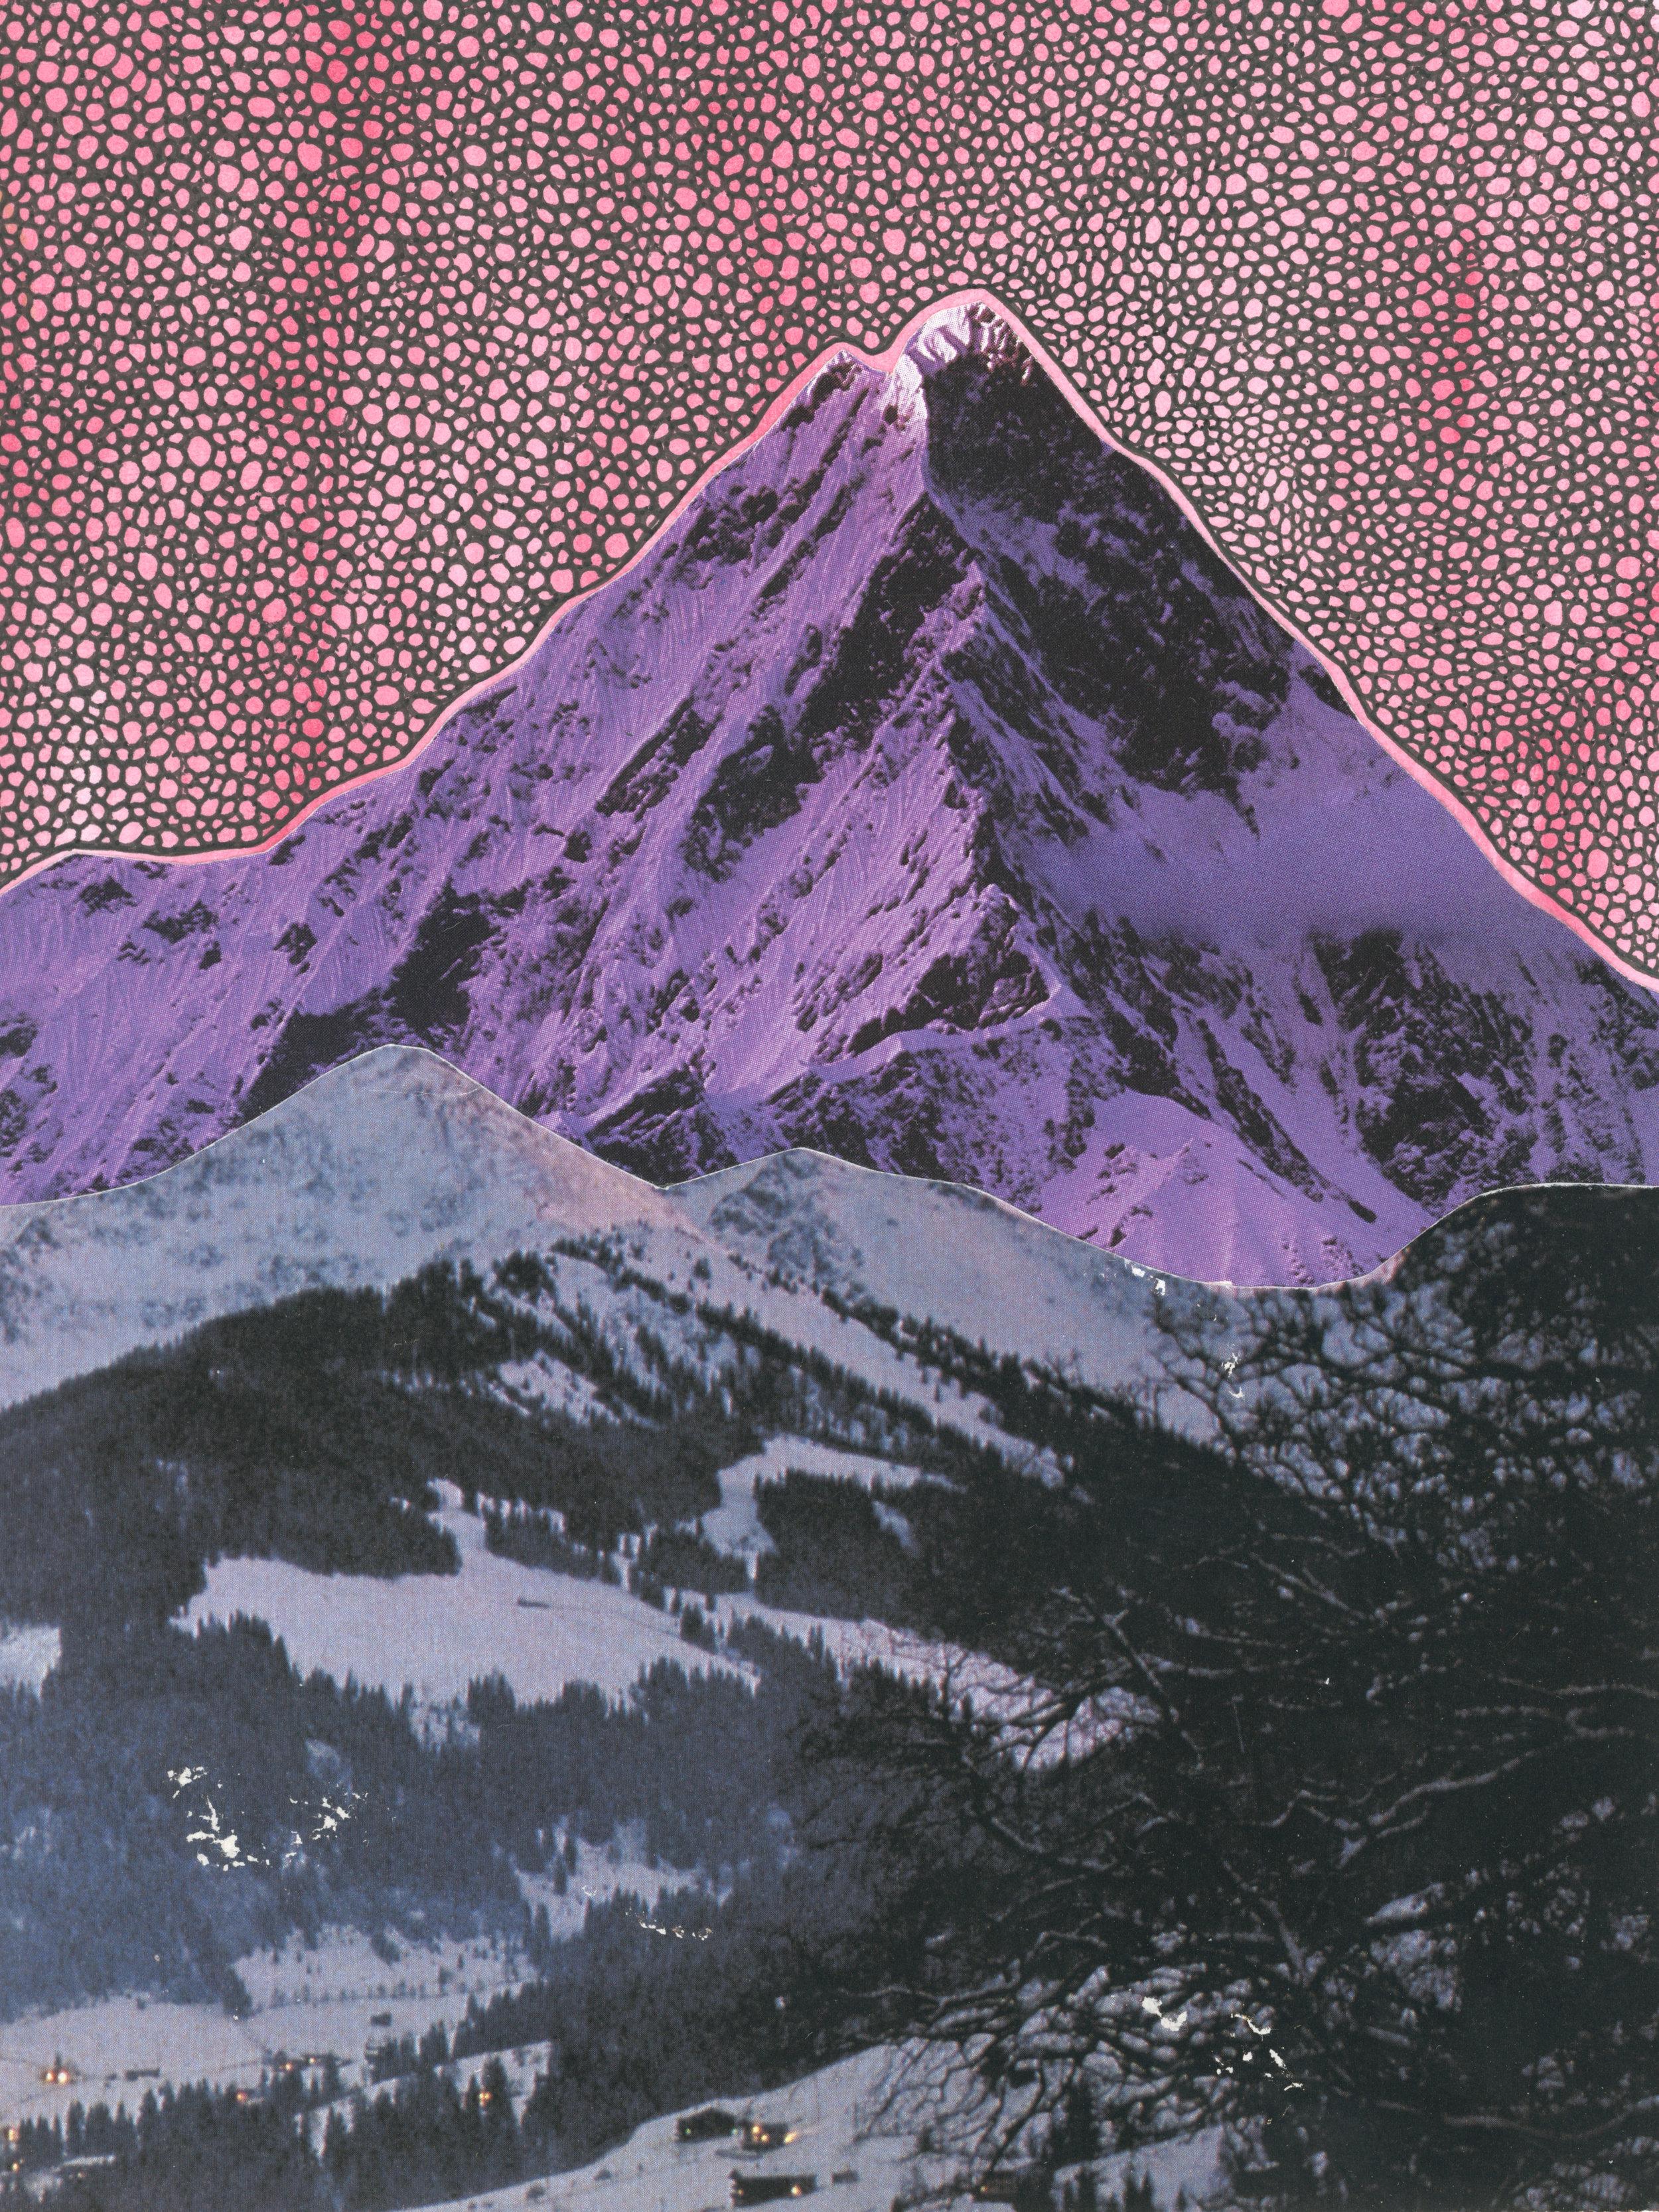 On Purple Mountain